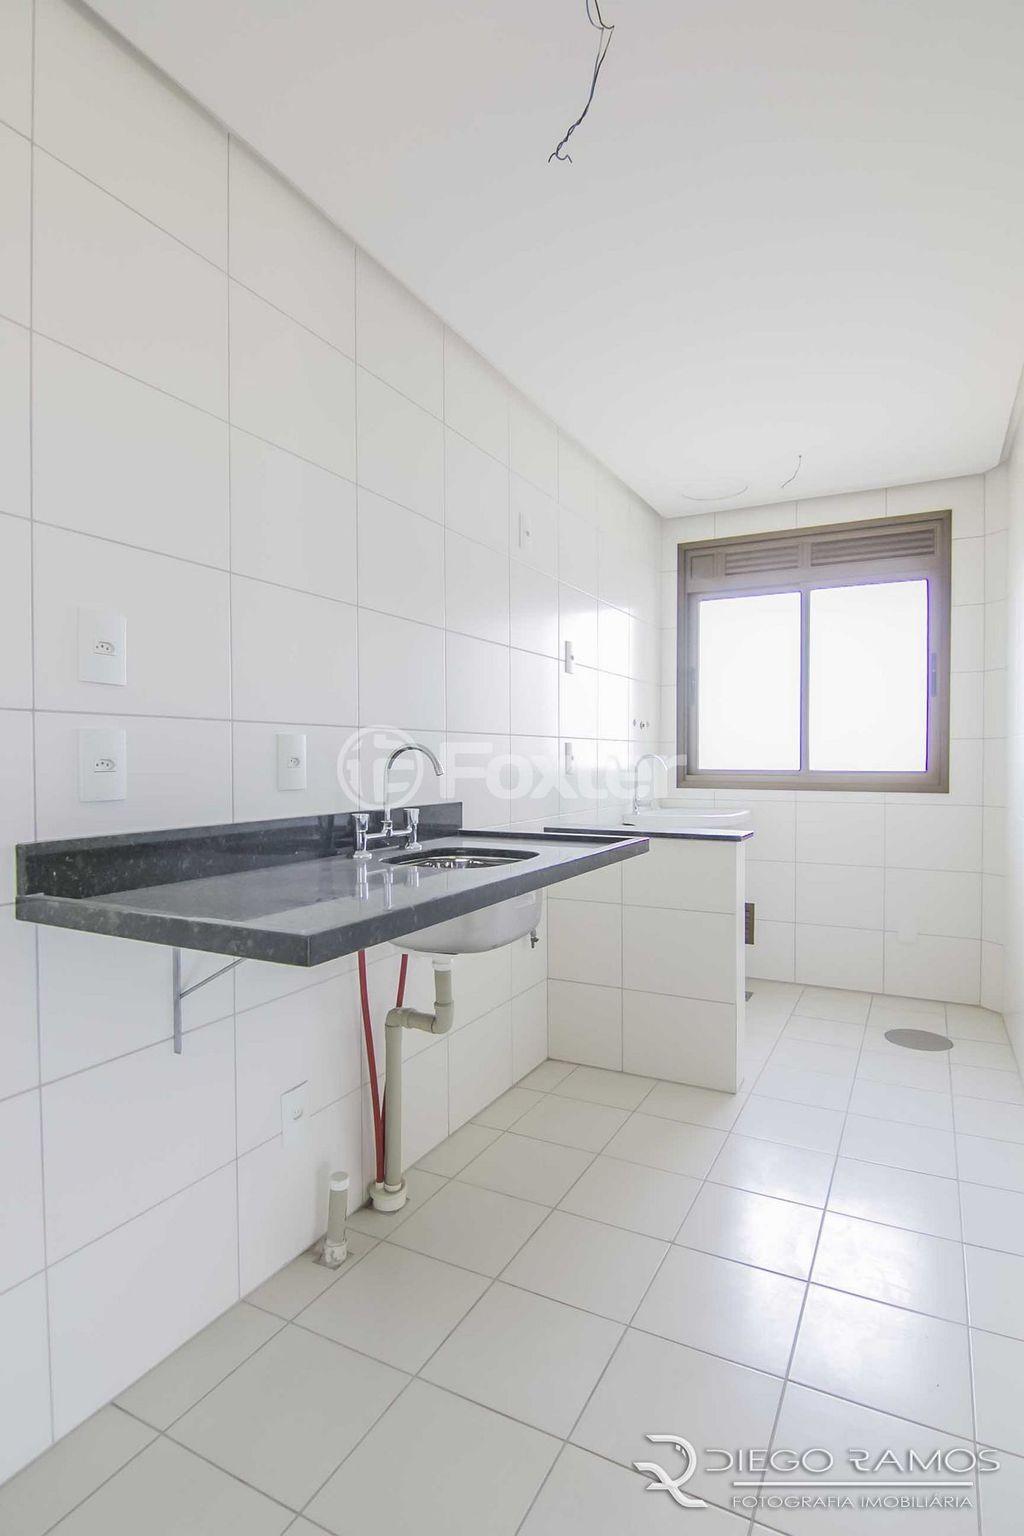 Mirante - Apto 3 Dorm, Vila Jardim, Porto Alegre (6949) - Foto 23